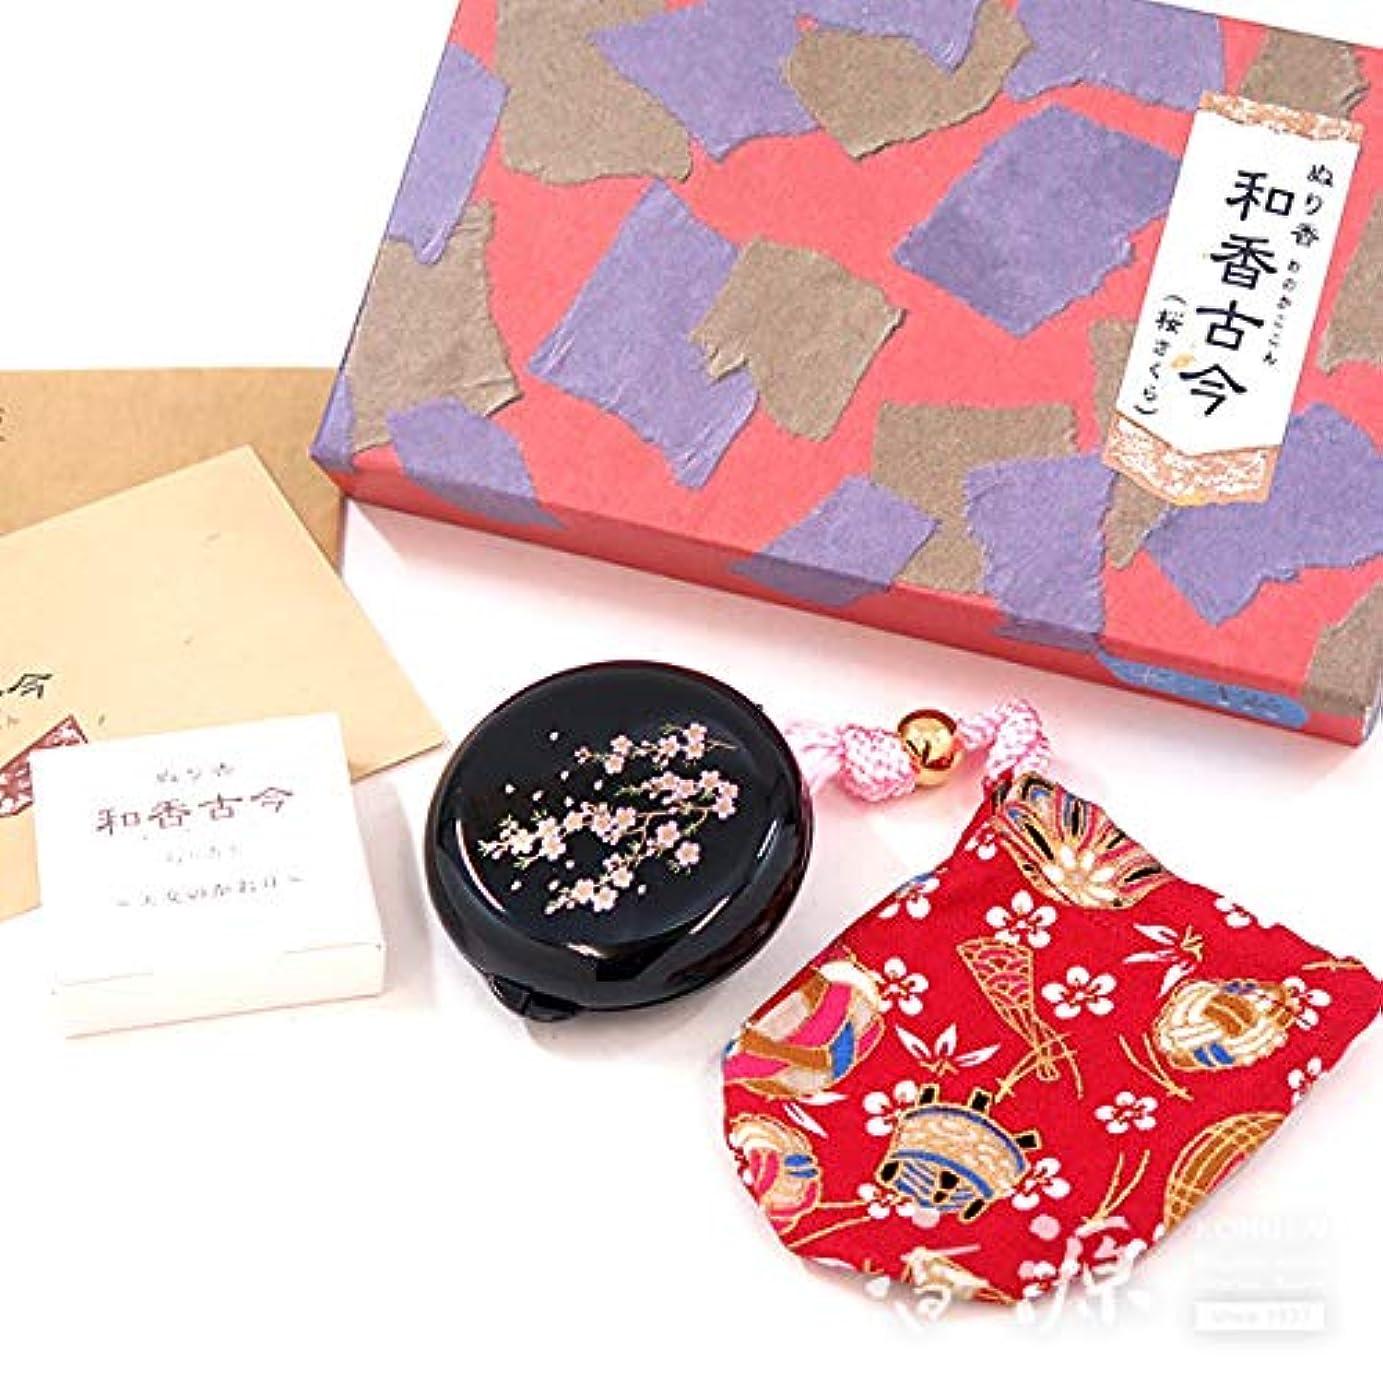 老朽化した顔料サーバ長川仁三郎商店のお香 和香古今(わのかここん)天女の香り 桜(黒のコンパクト)?赤の巾着のセット